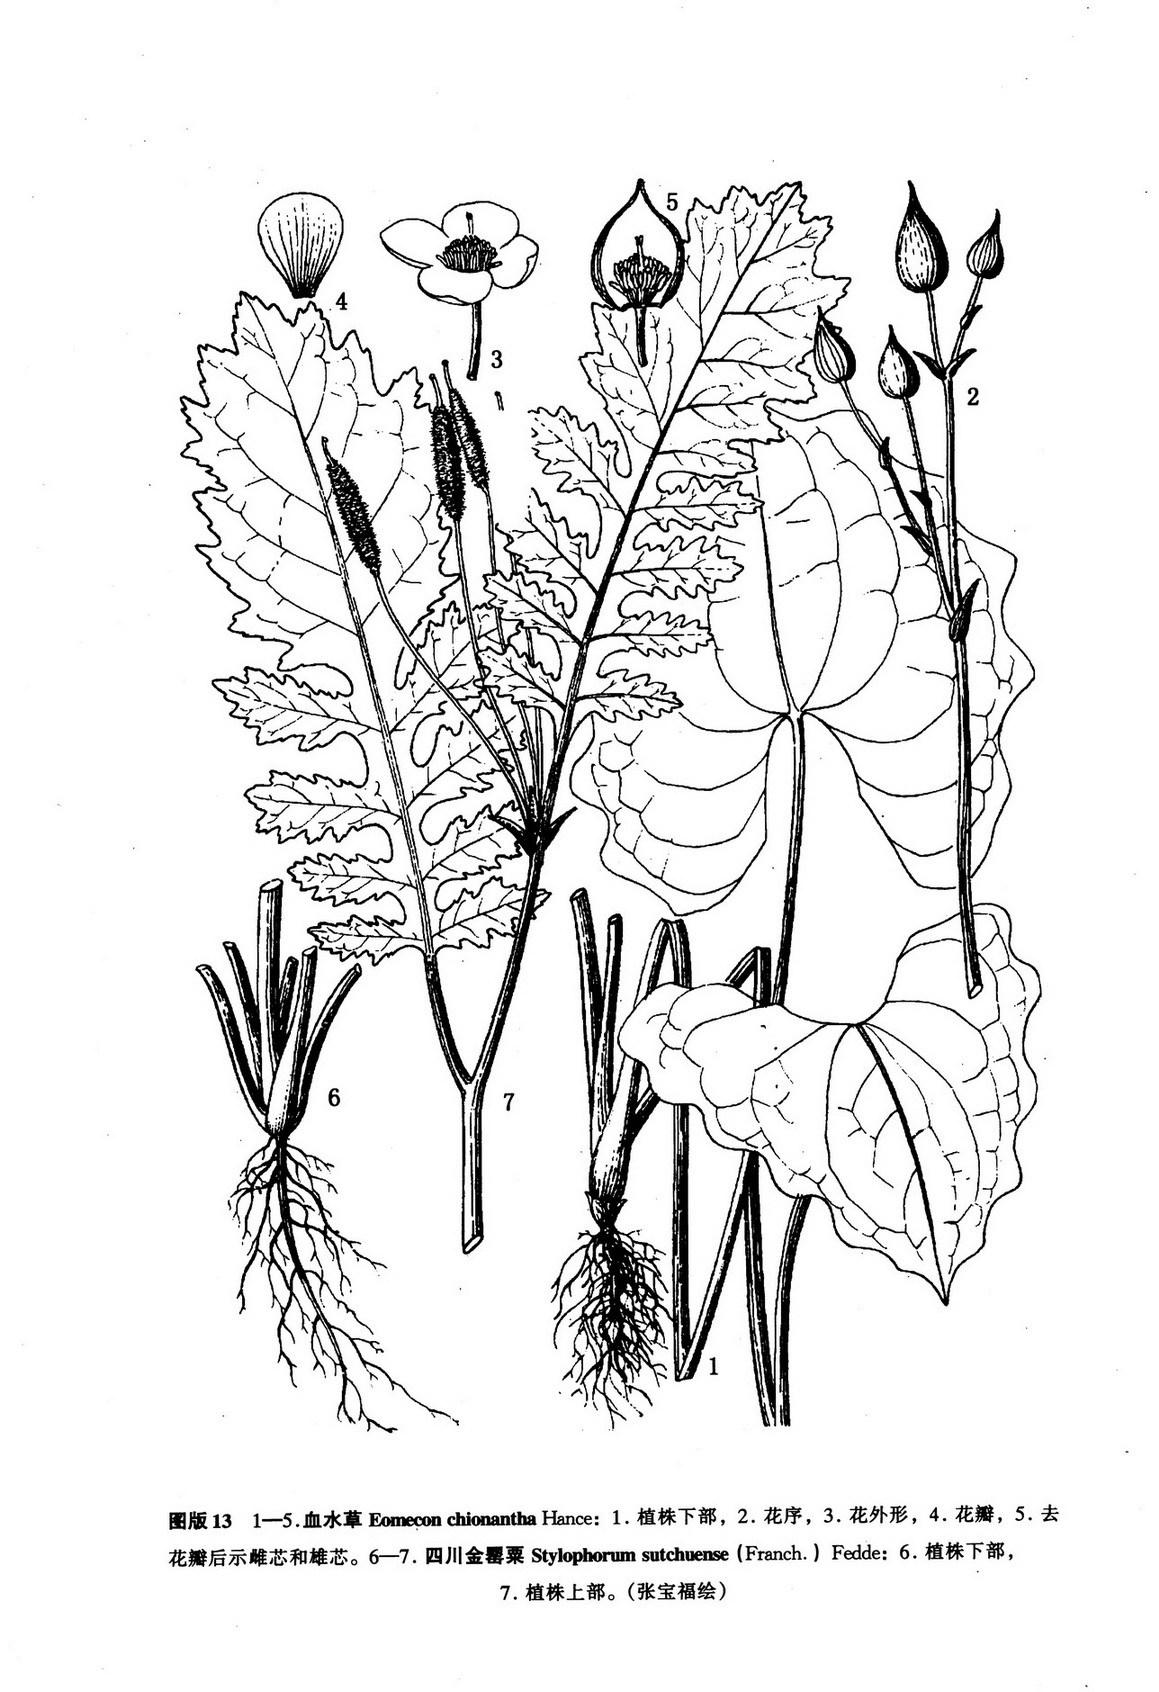 禁毒海报手绘图片罂粟